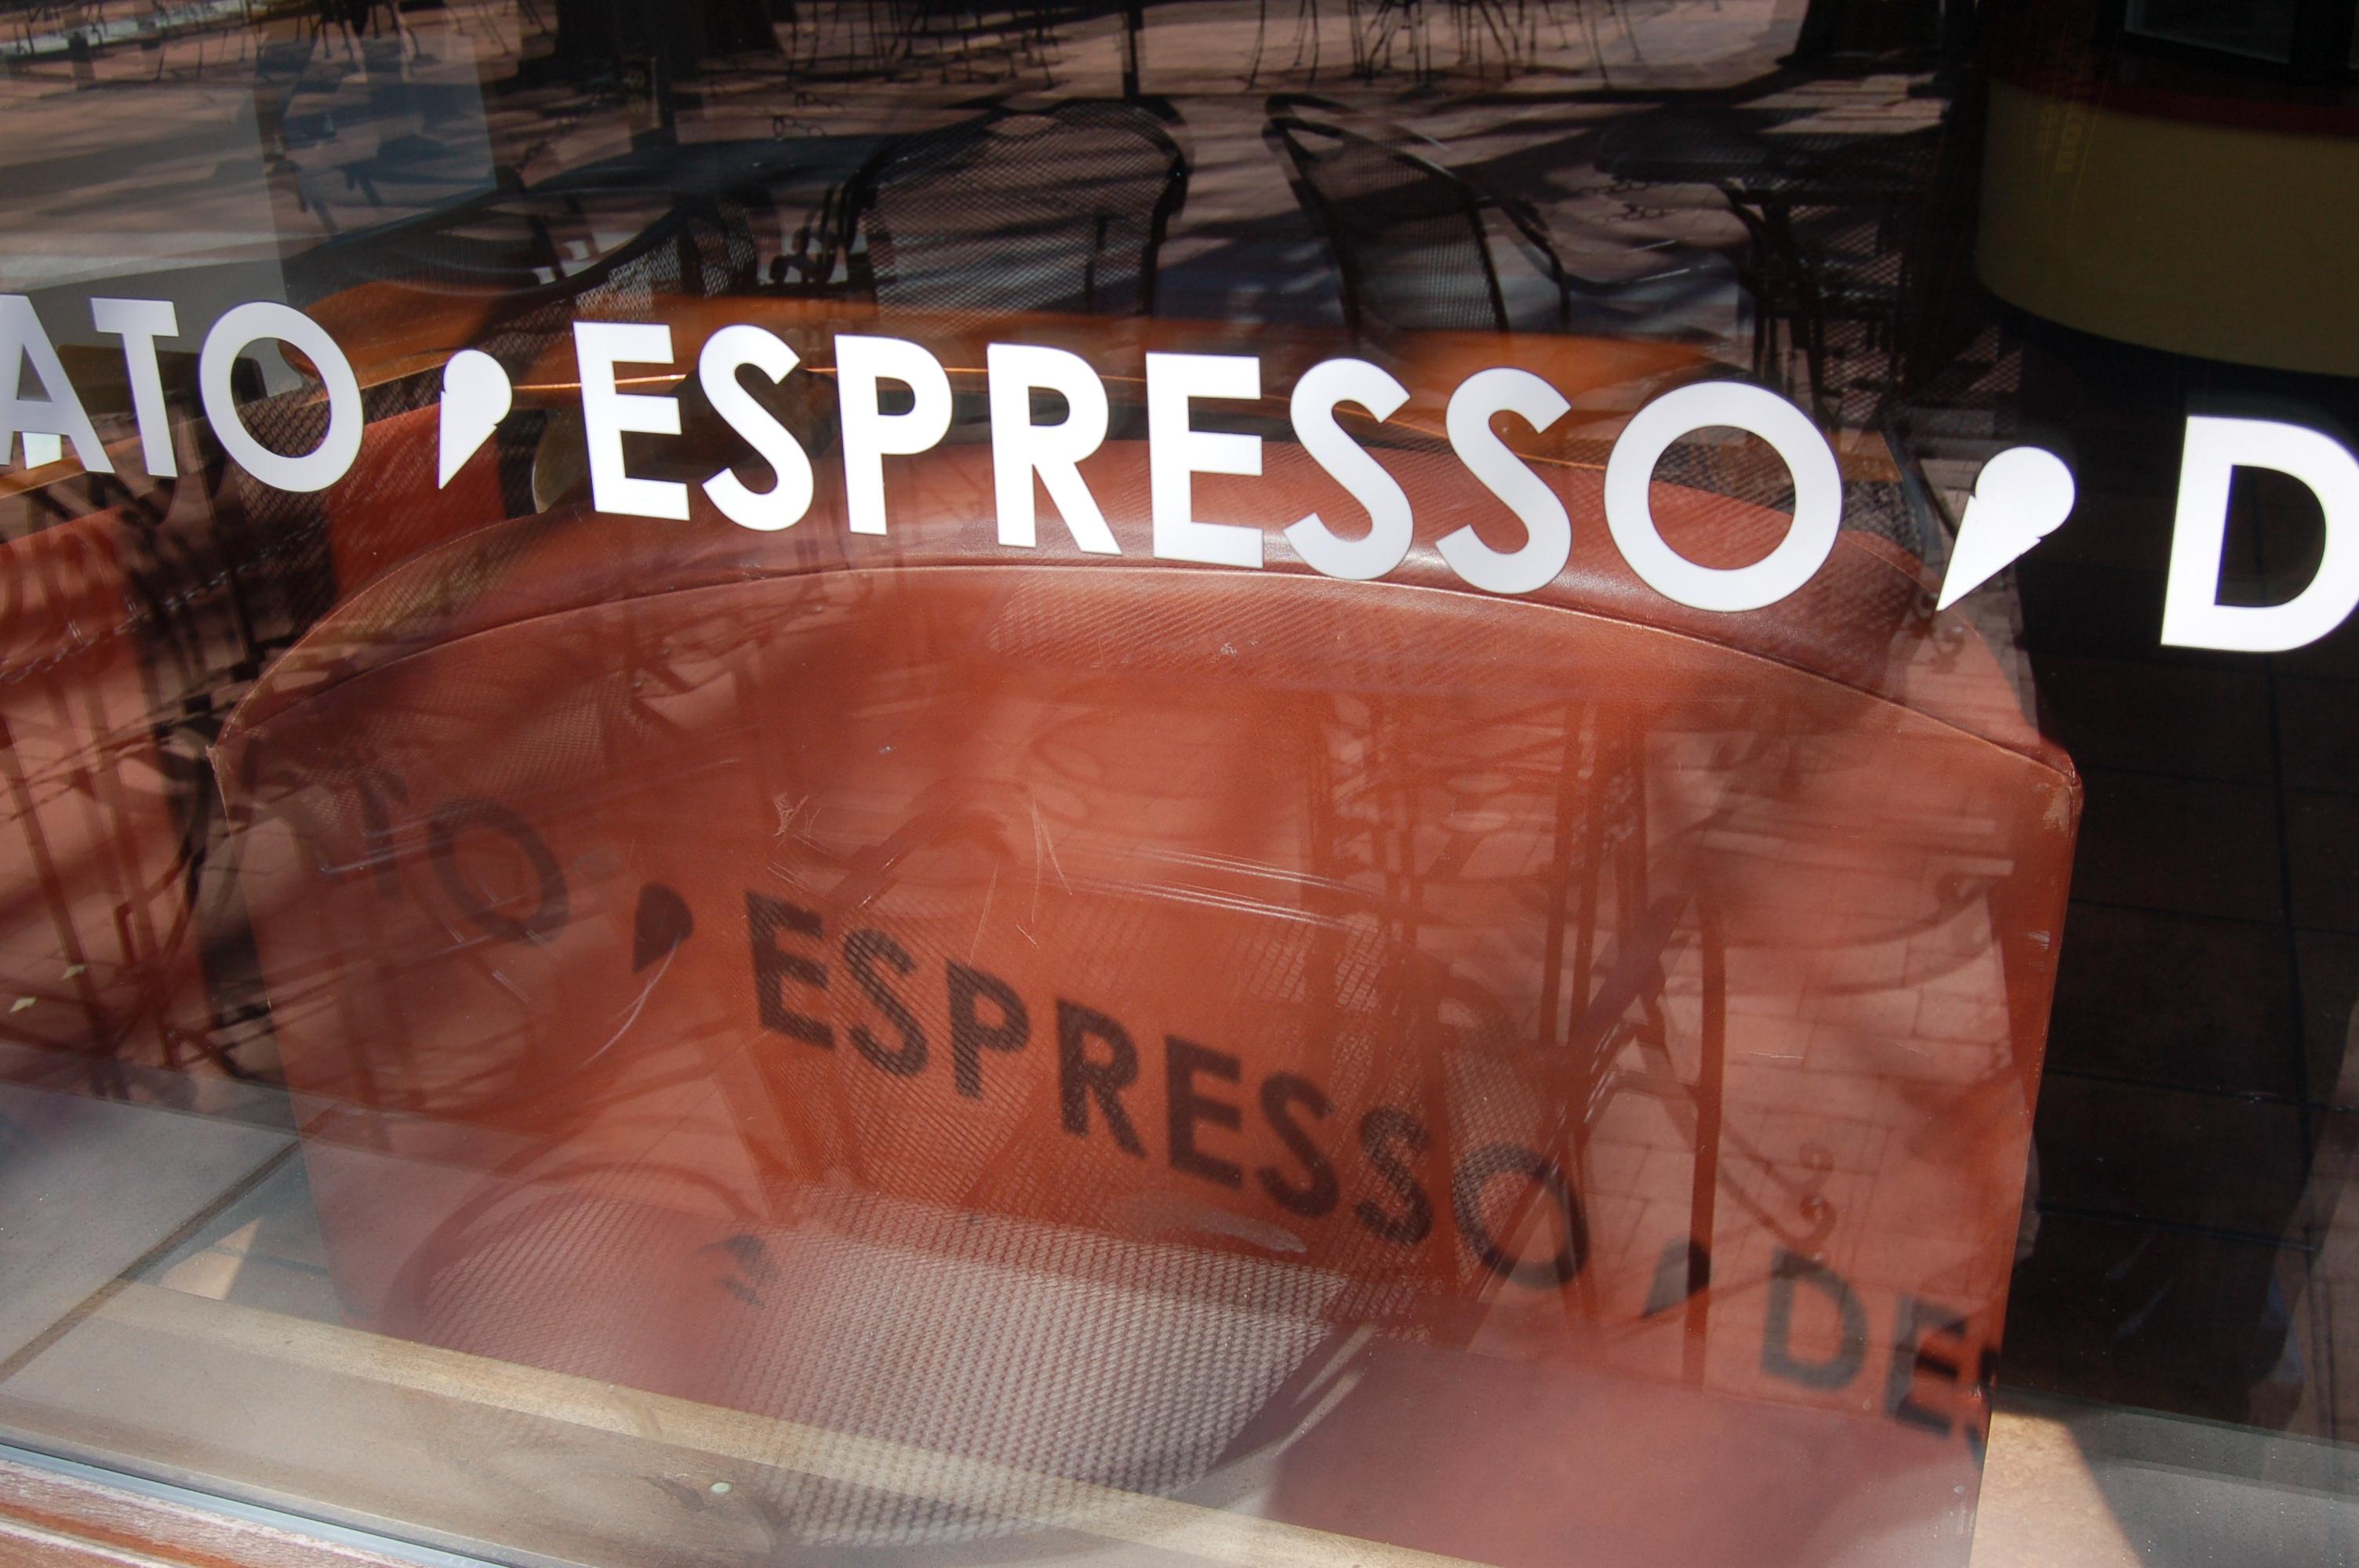 Espresso art shot by Bruce Stambaugh